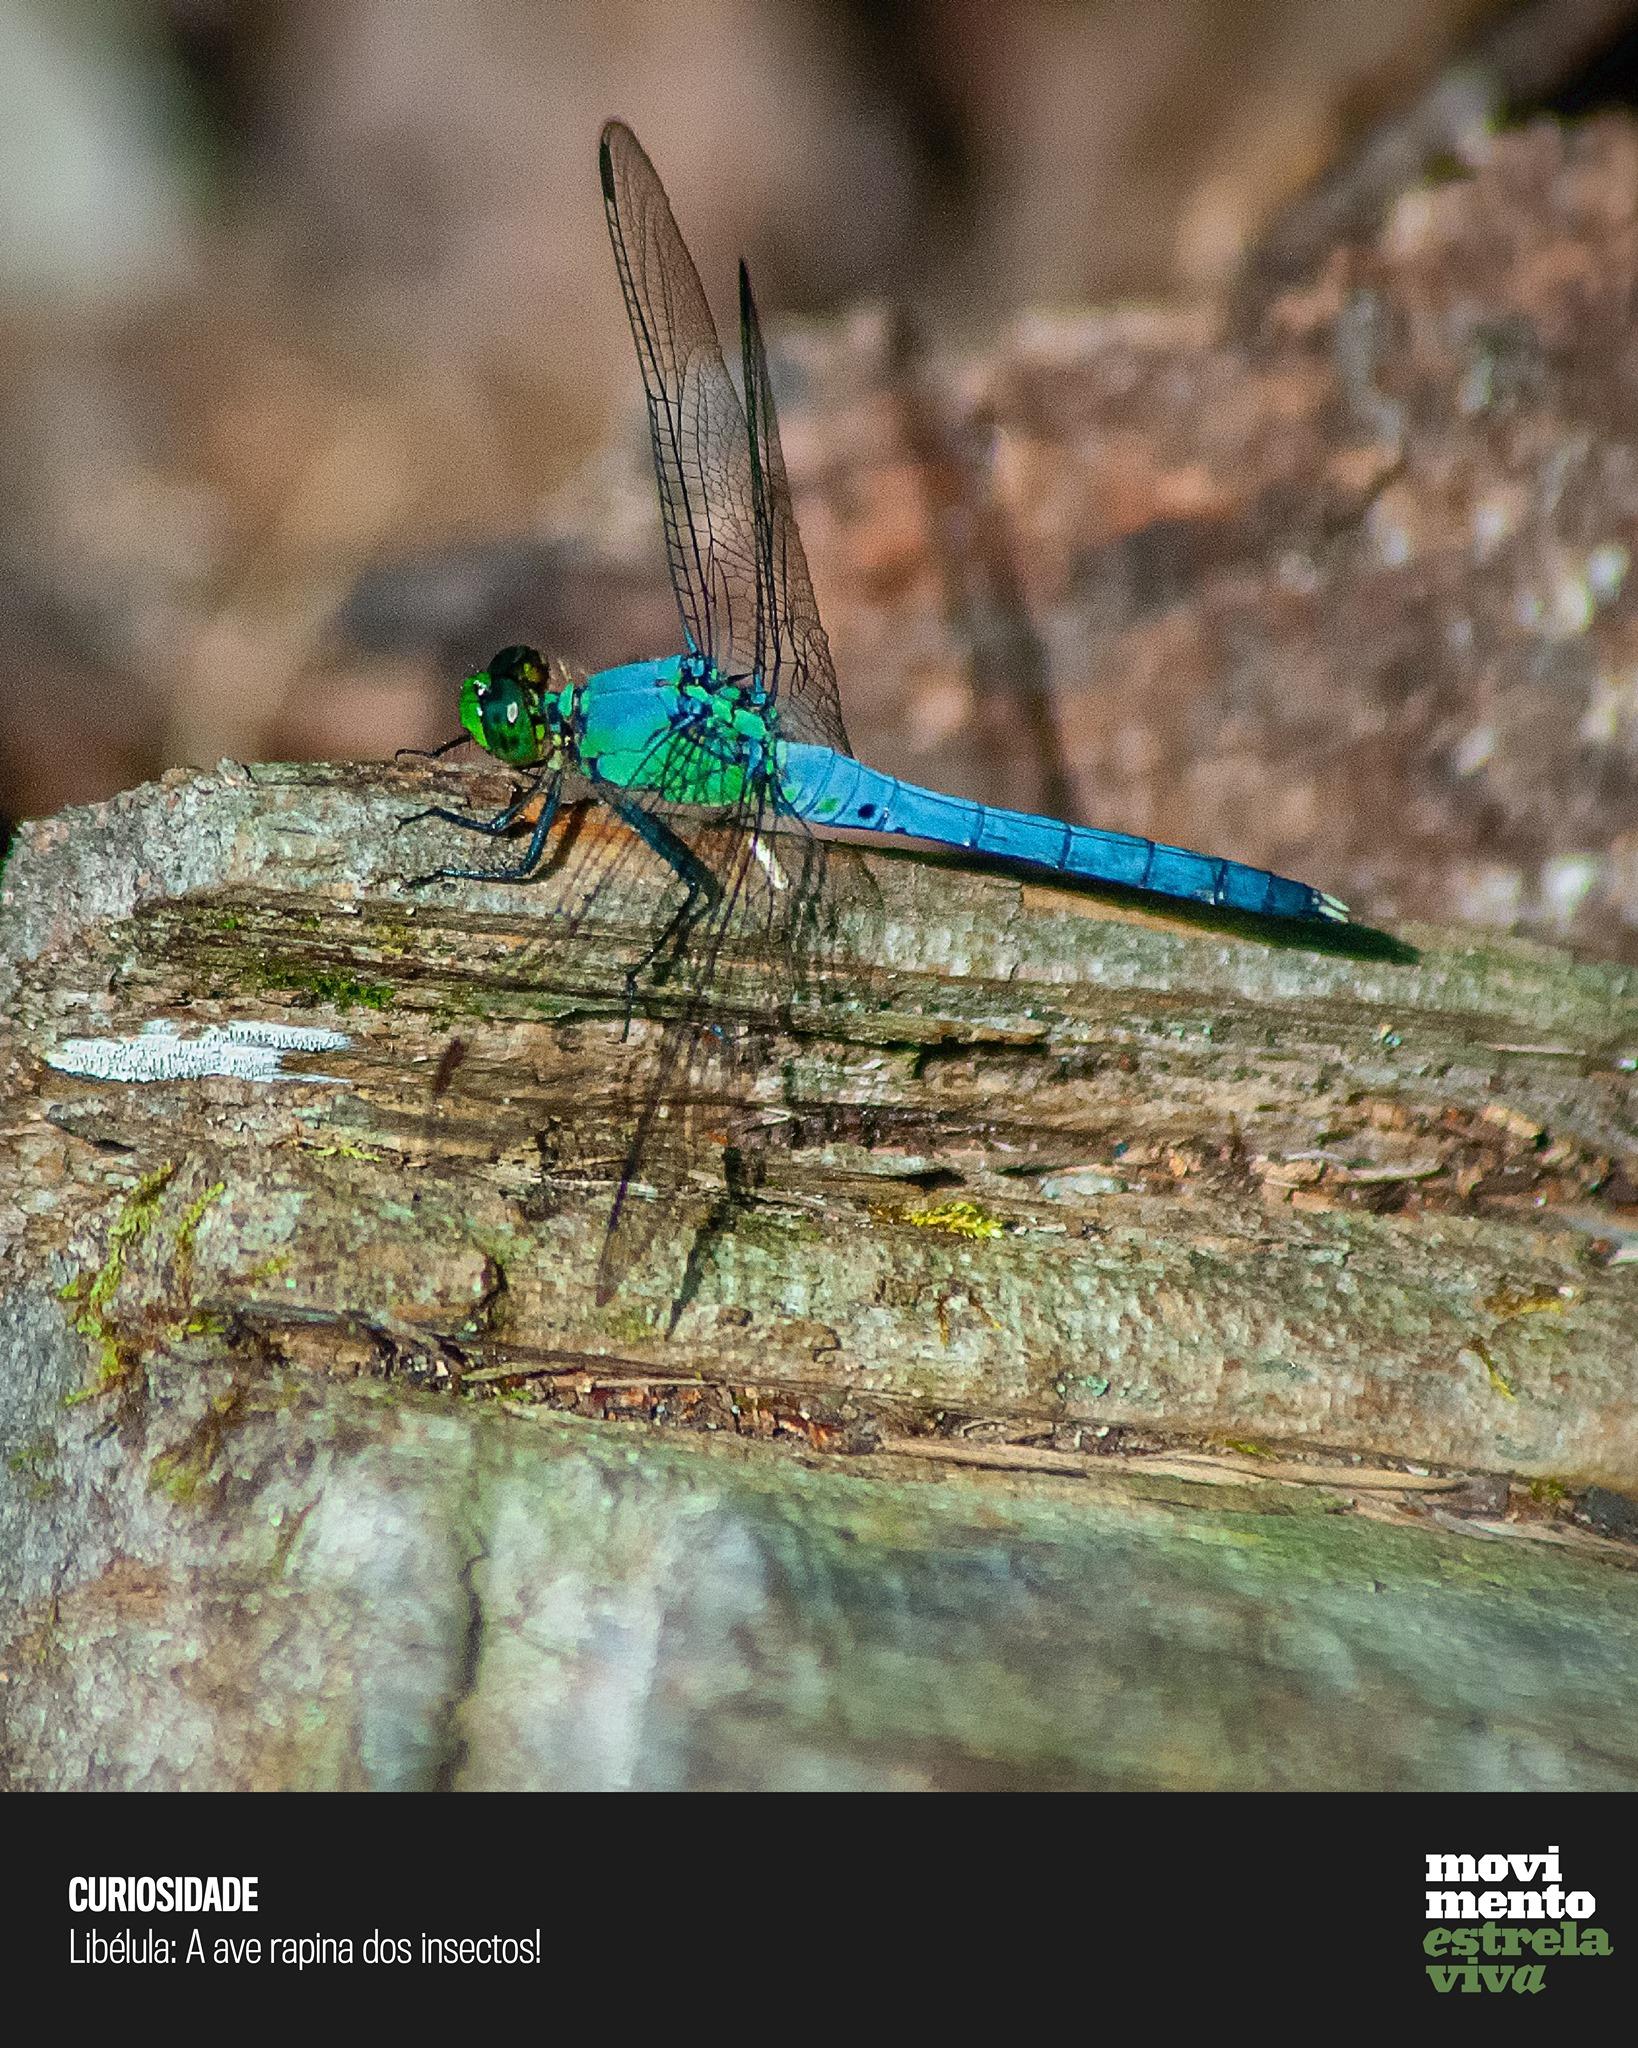 Curiosidade #12 – Libélula: A ave rapina dos insectos!